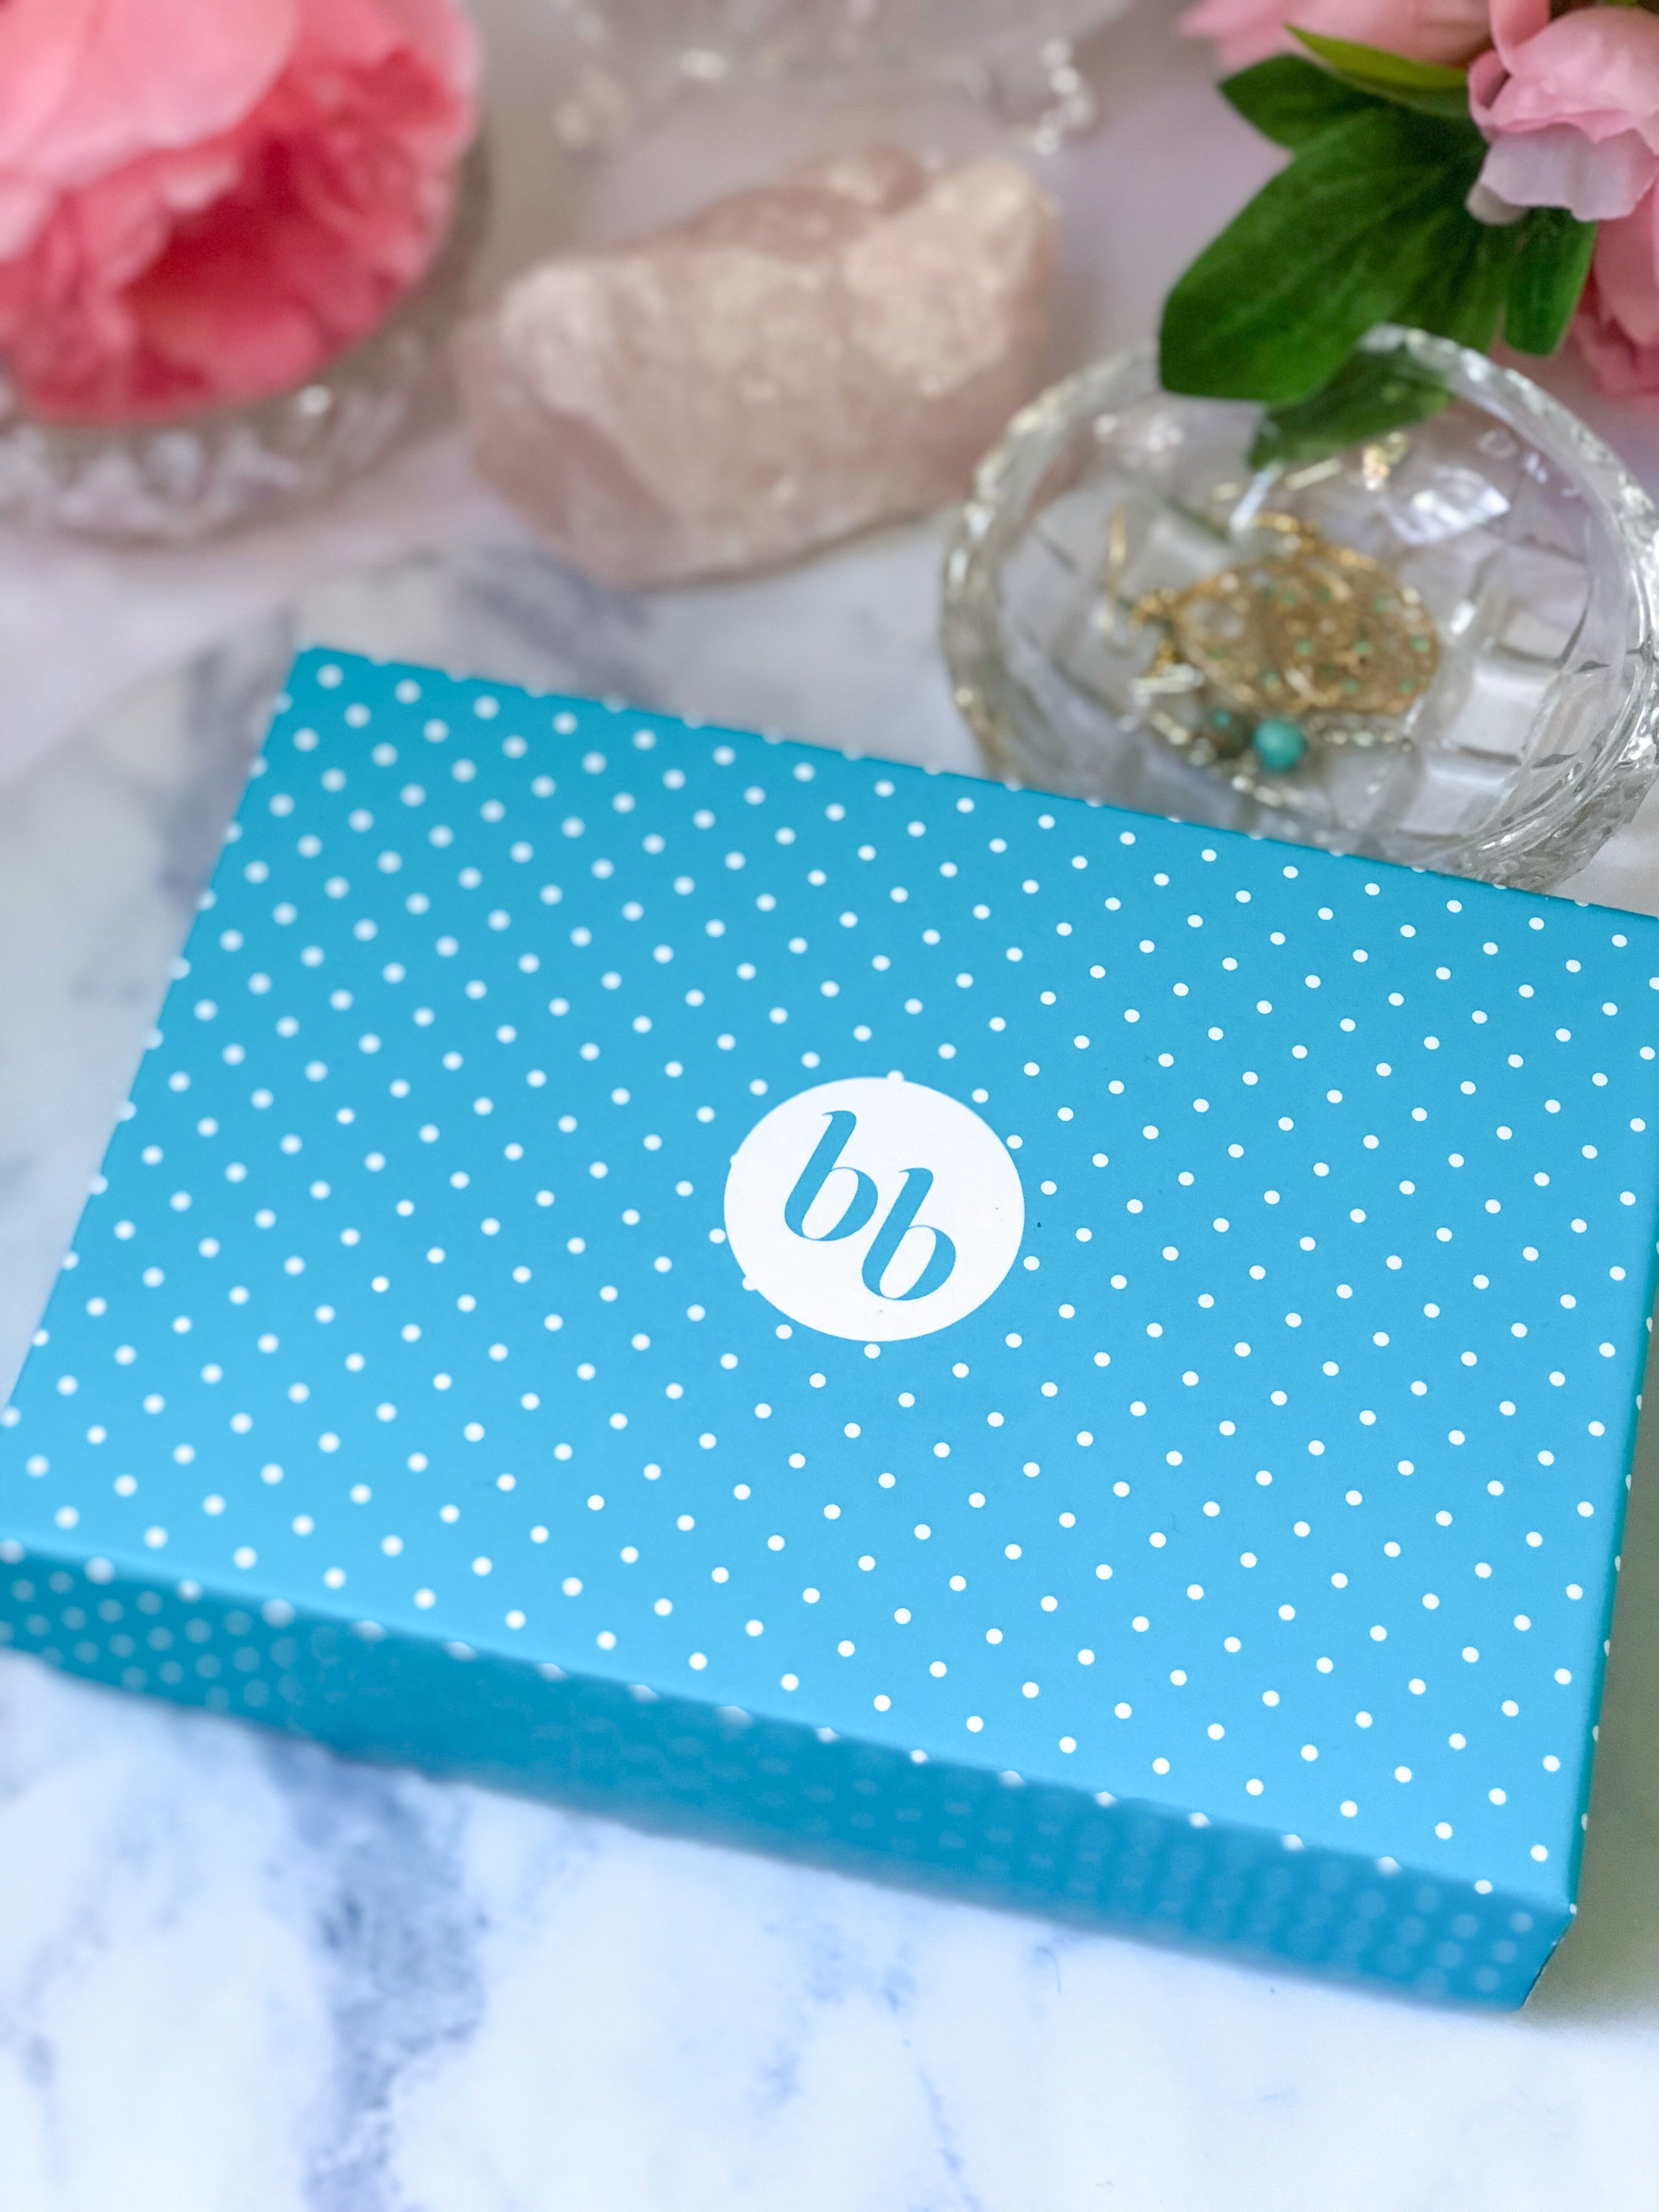 bellabox blue box.jpg